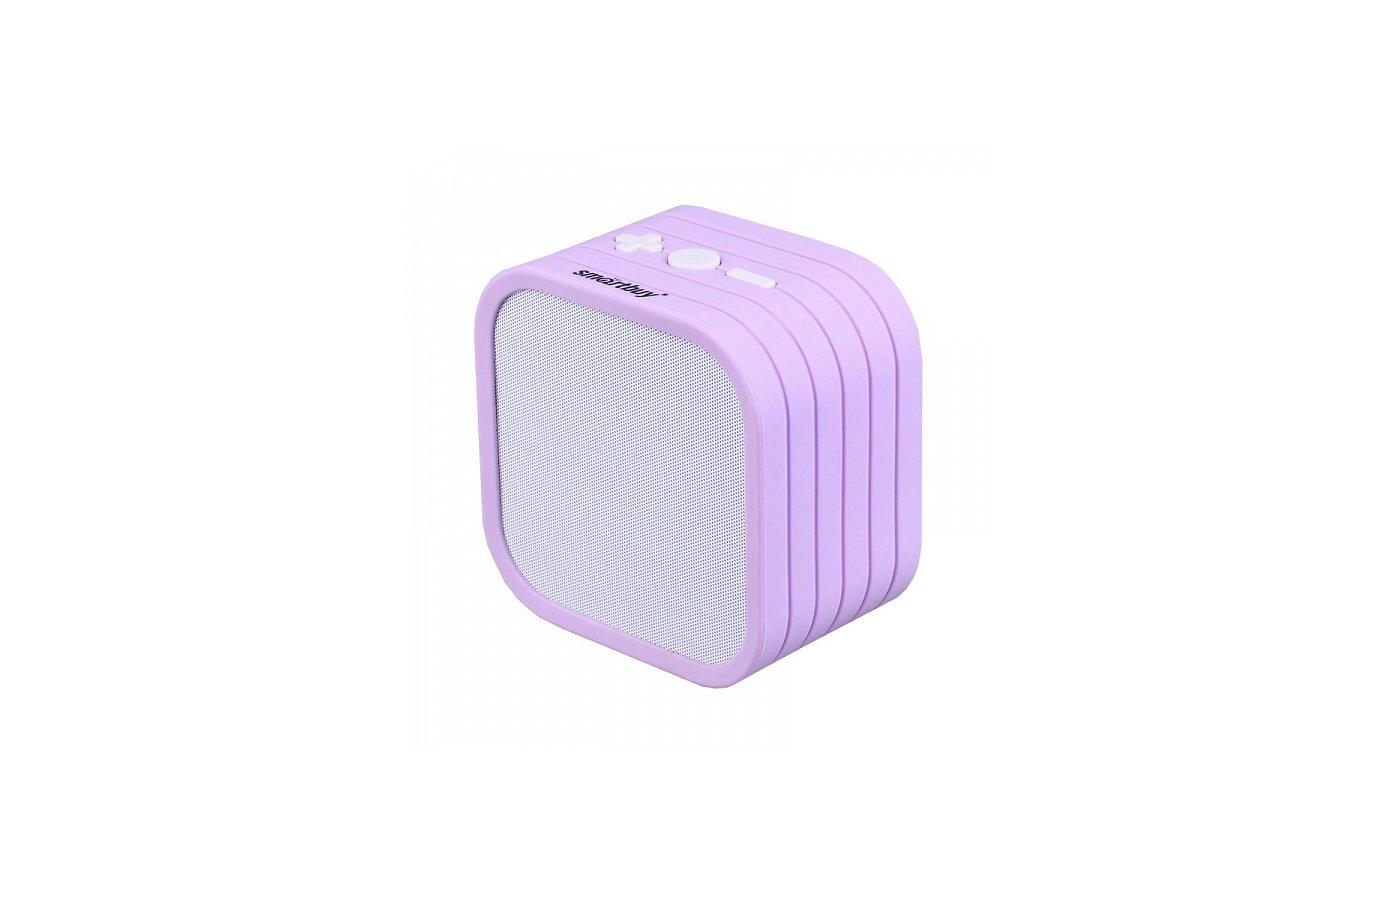 Колонка Smartbuy TEDDY бело-фиолетовая